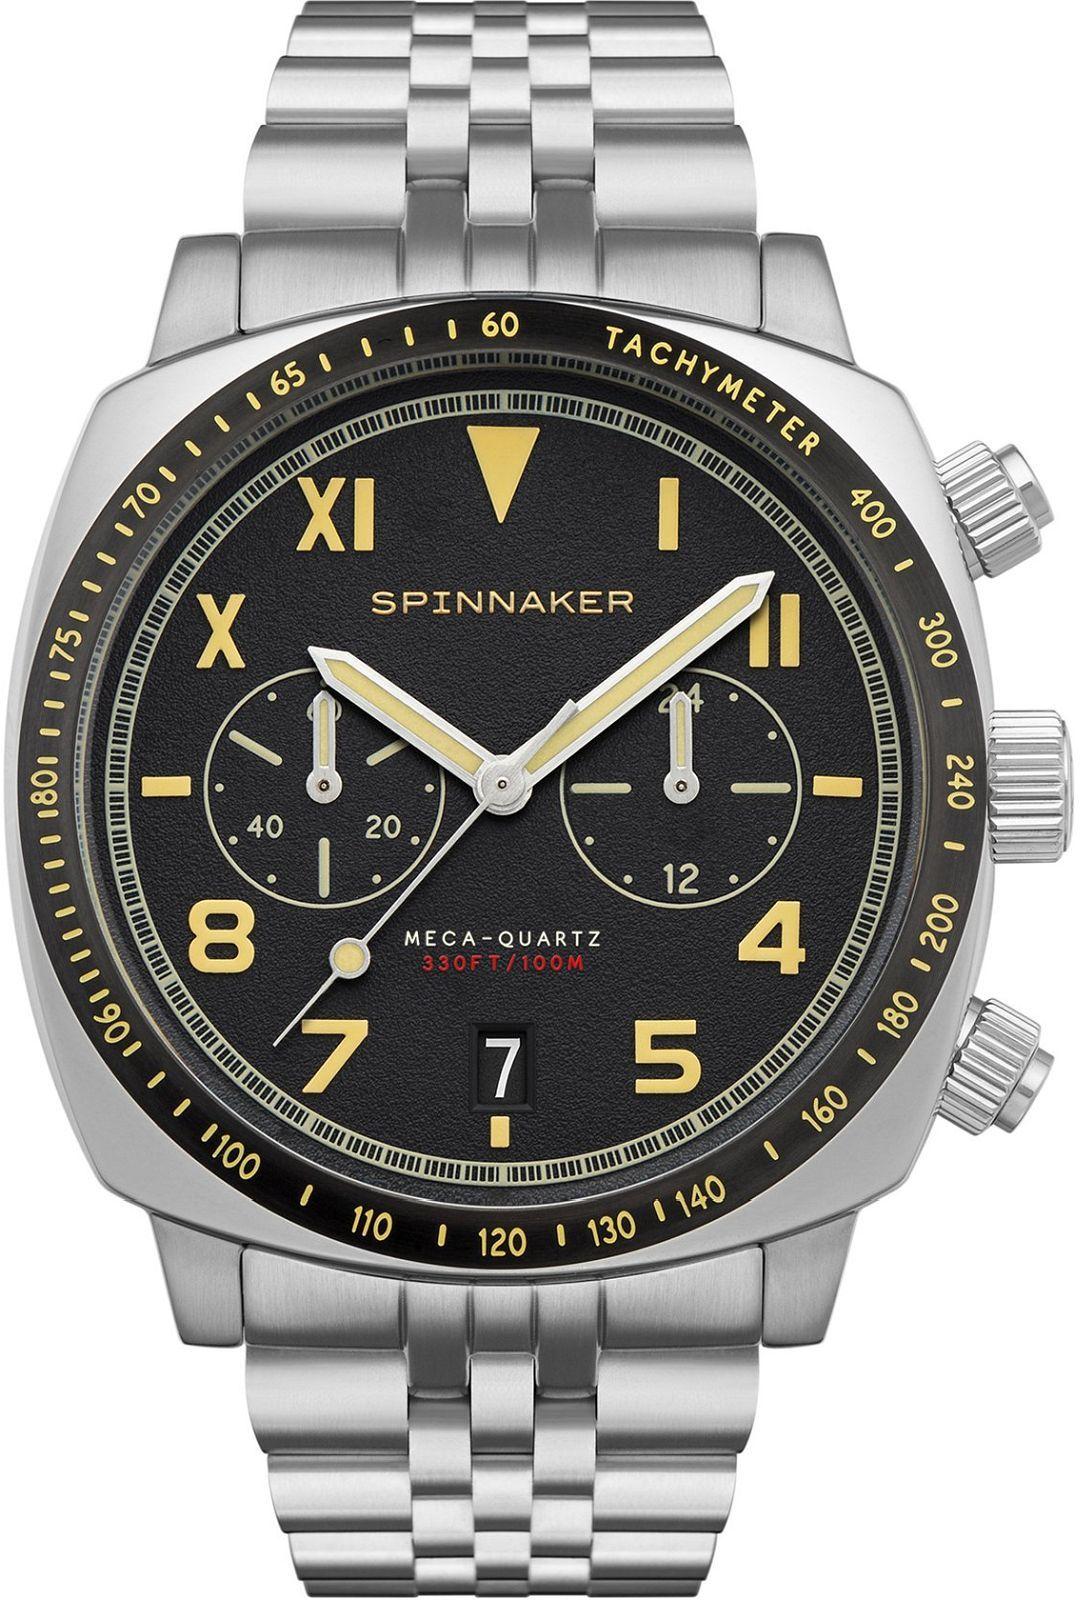 Spinnaker SP-5092-11 > Wysyłka tego samego dnia Grawer 0zł Darmowa dostawa Kurierem/Inpost Darmowy zwrot przez 100 DNI